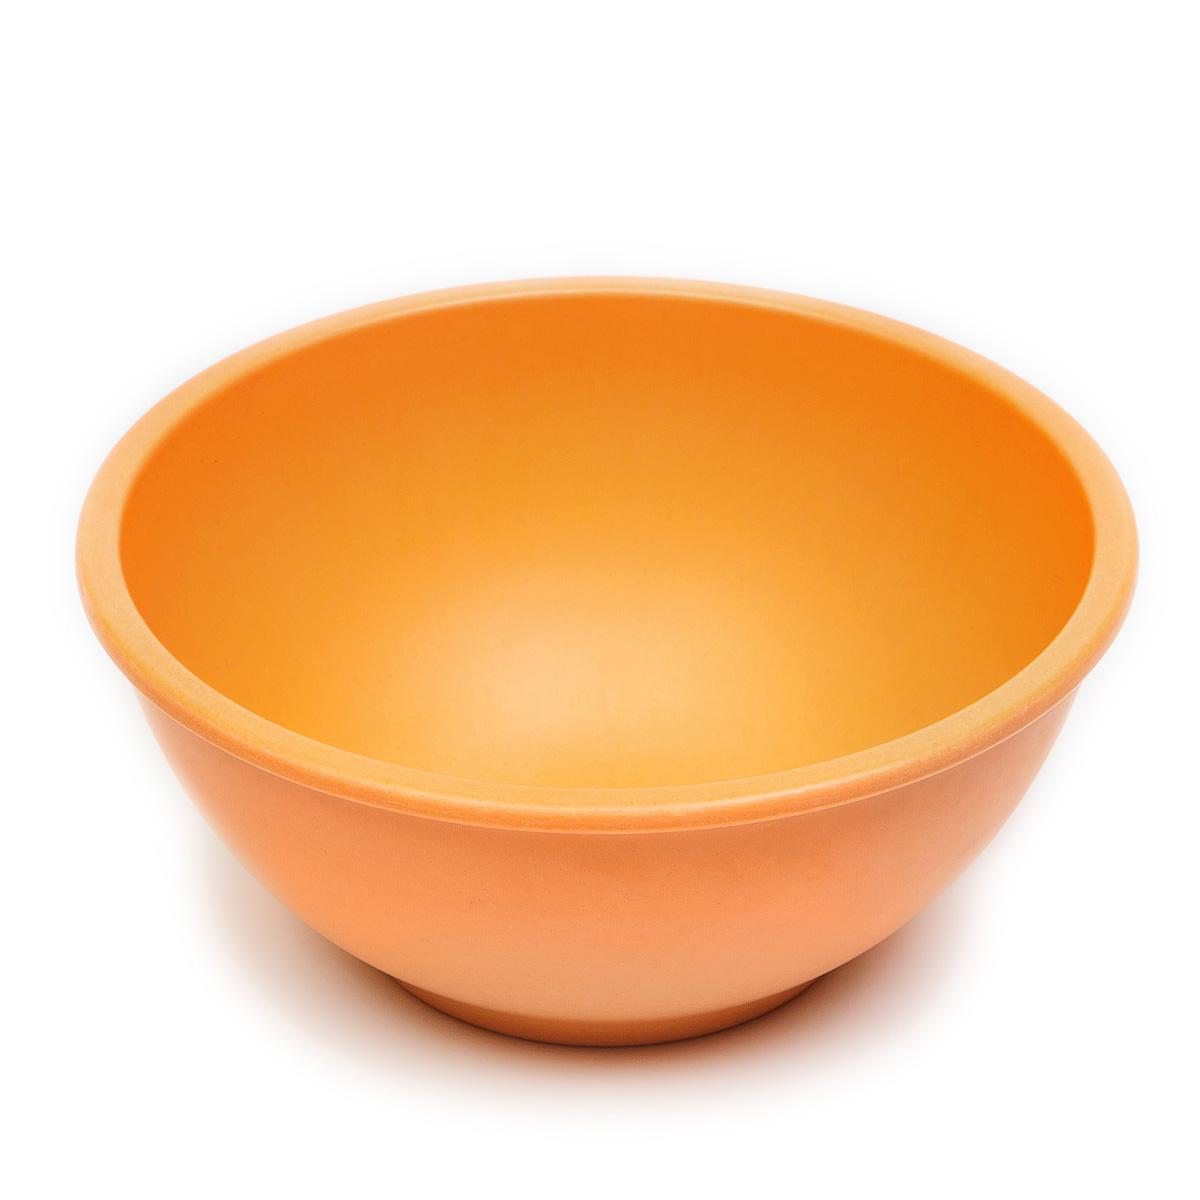 Салатник MoulinVilla, цвет: оранжевый, 15 х 15 х 6 см115510Посуда из инновационного материала компании Moulinvilla. Продукт сделан из экологически чистой бамбуковой фибры. Посуда обладает естественными, антибактериальными свойствами. Диапазон температур: от -20 до +120 С. Можно мыть в посудомоечной машине в щадящем режиме. Посуда из бамбука - это яркий стильный дизайн и высокая функциональность.